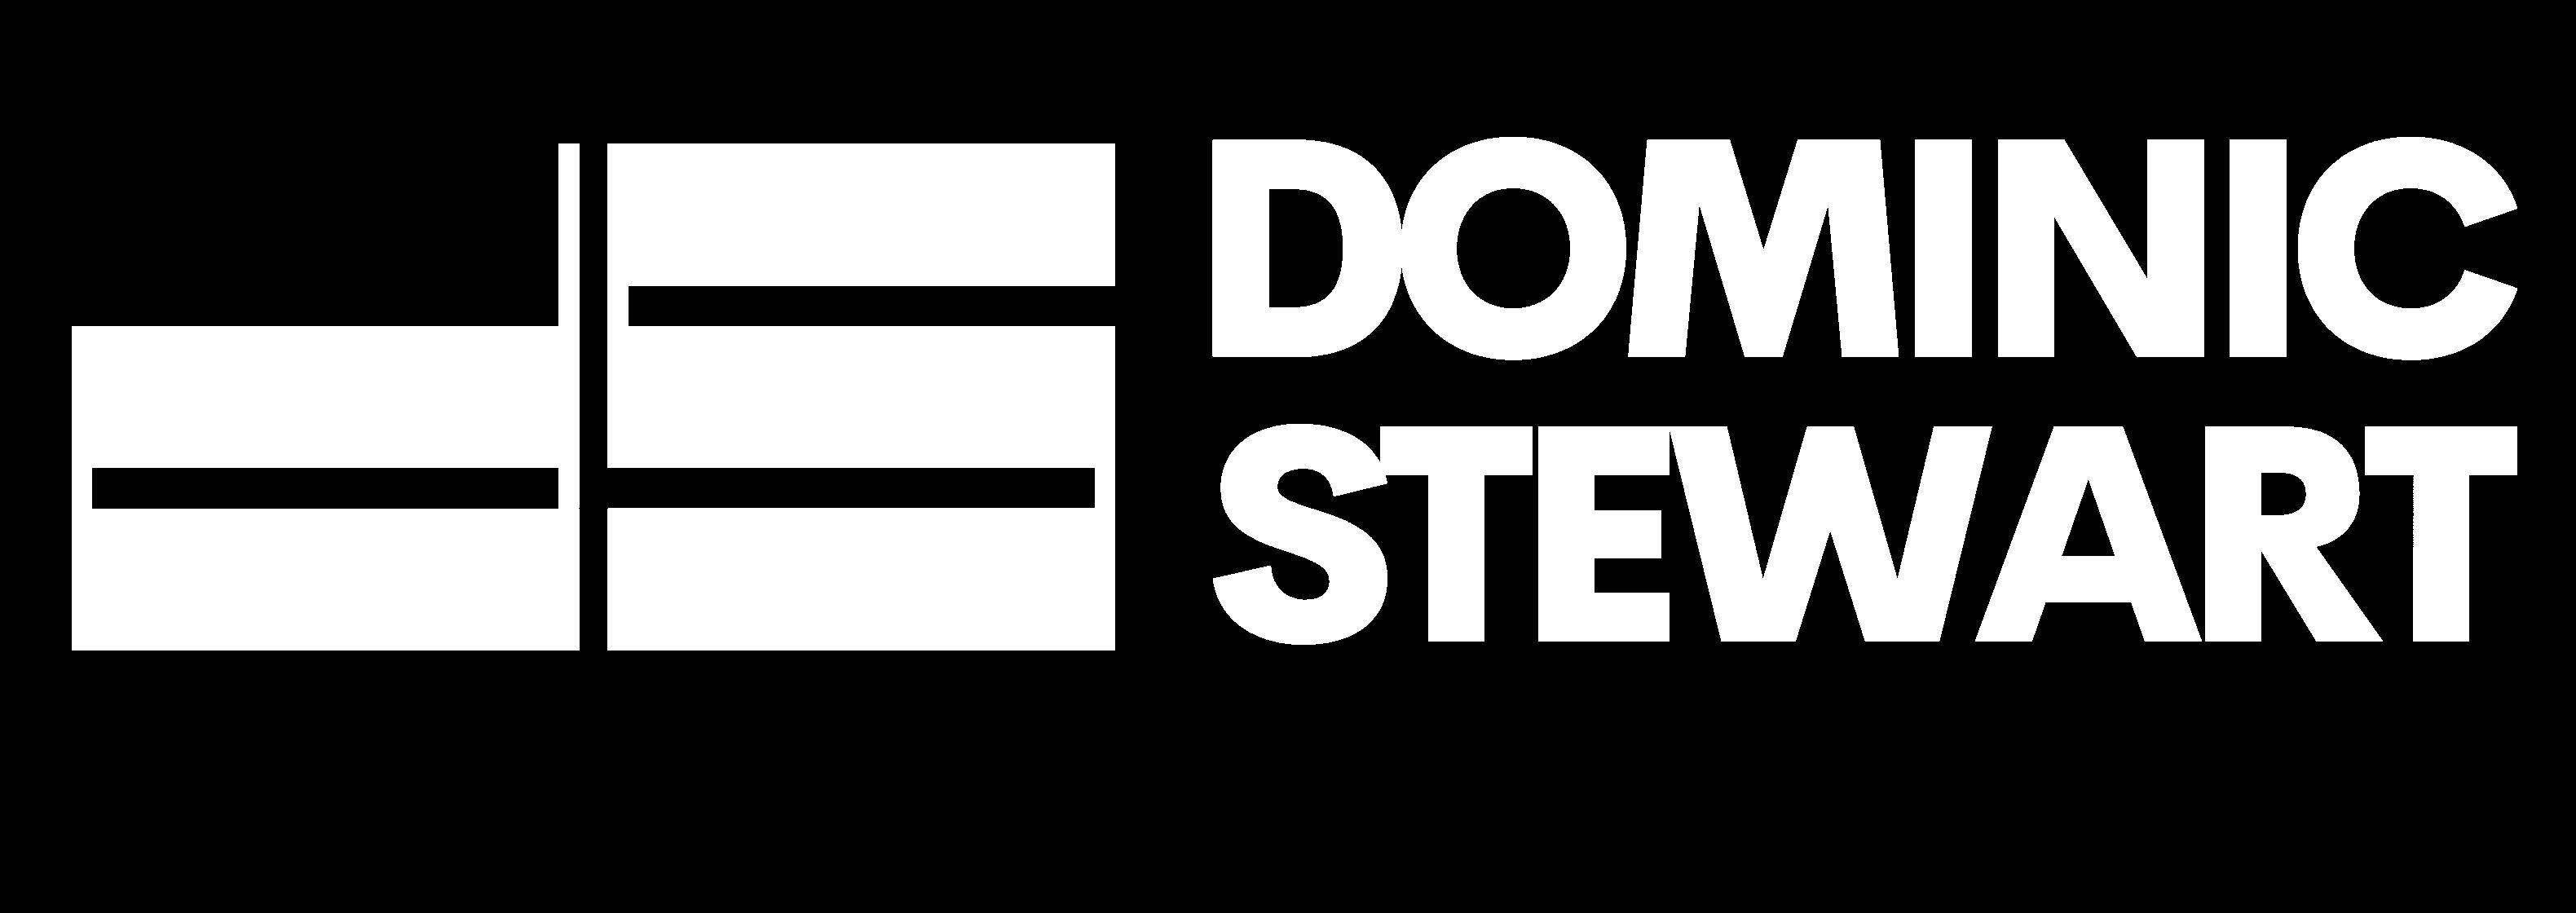 Dominic Stewart